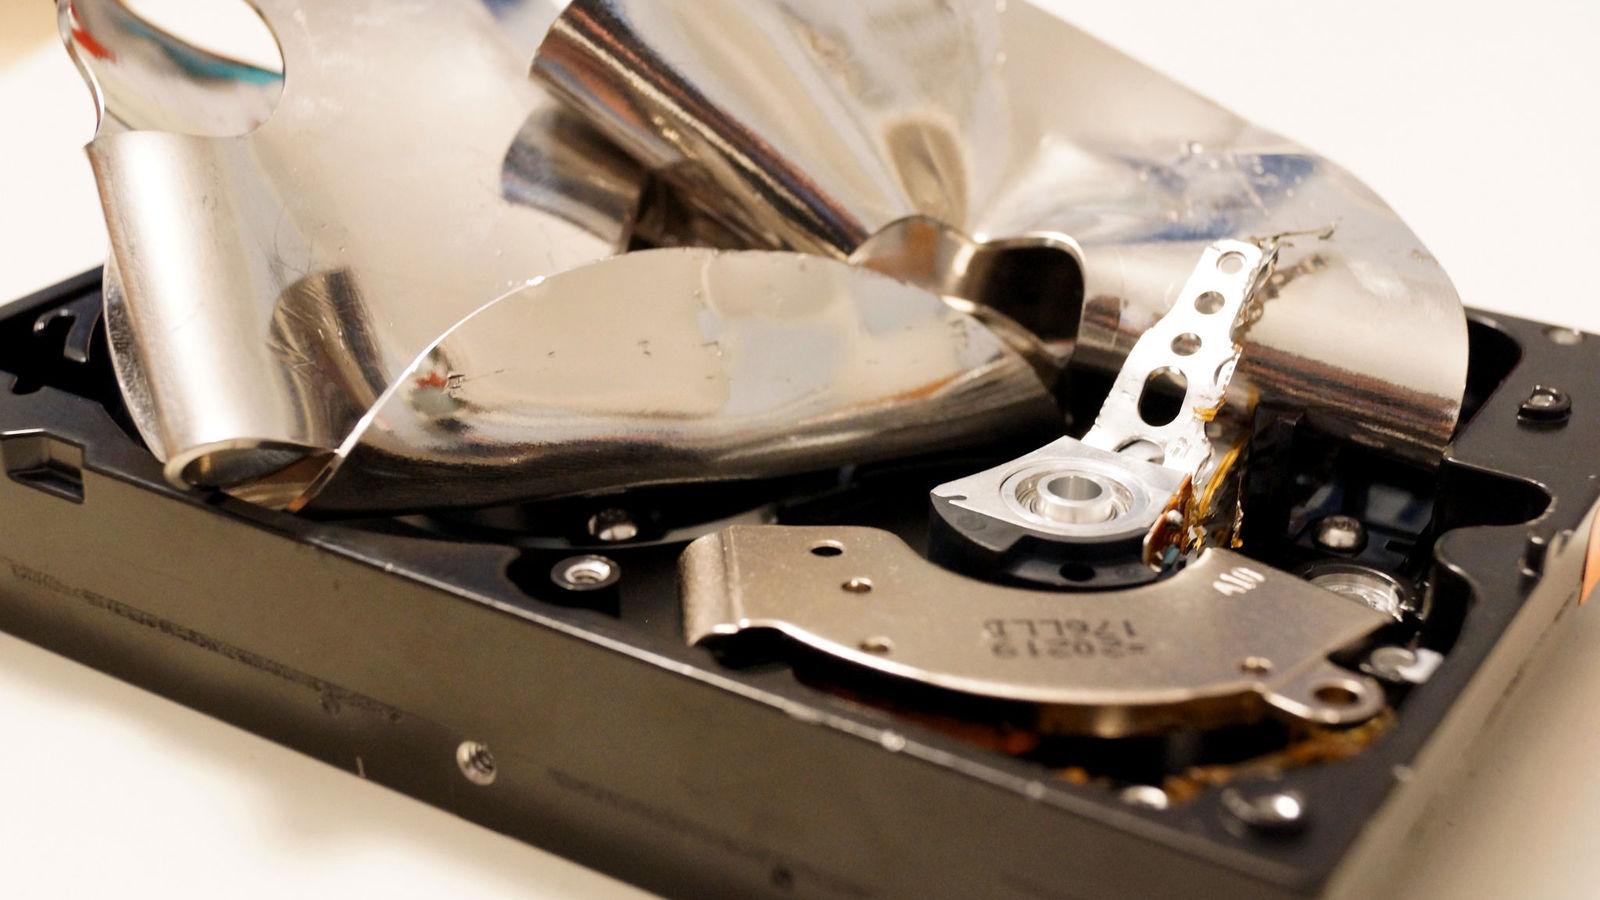 borrar-disco-duro